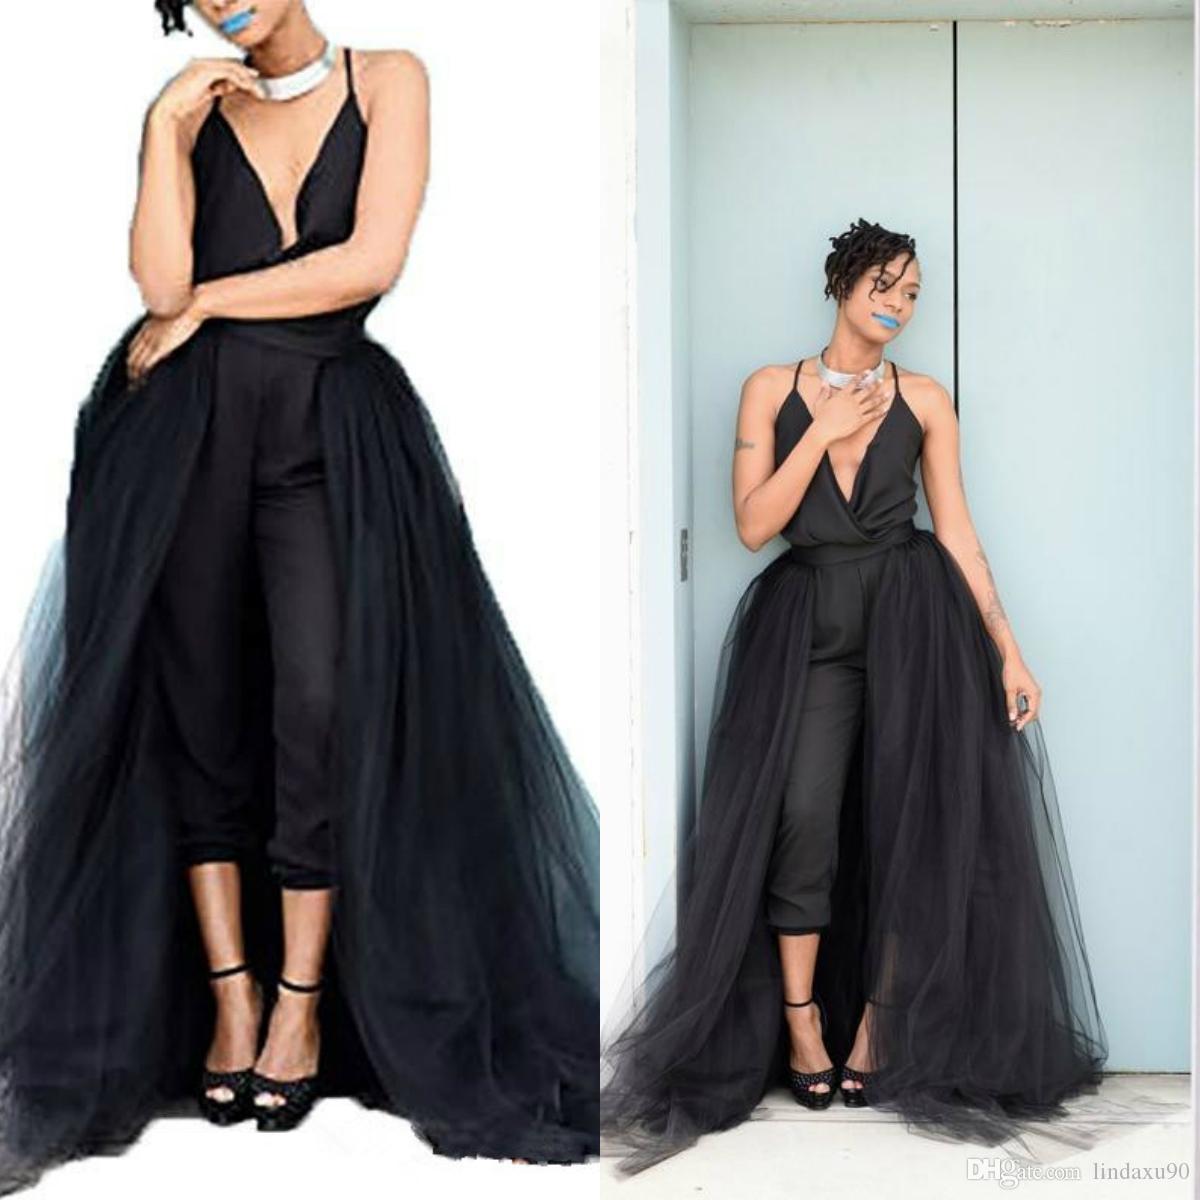 Sexy Preto 2020 Macacões Prom Dresses com destacável Train V Neck Mulheres Formal Wear vestido Evening Vestidos menina Africano